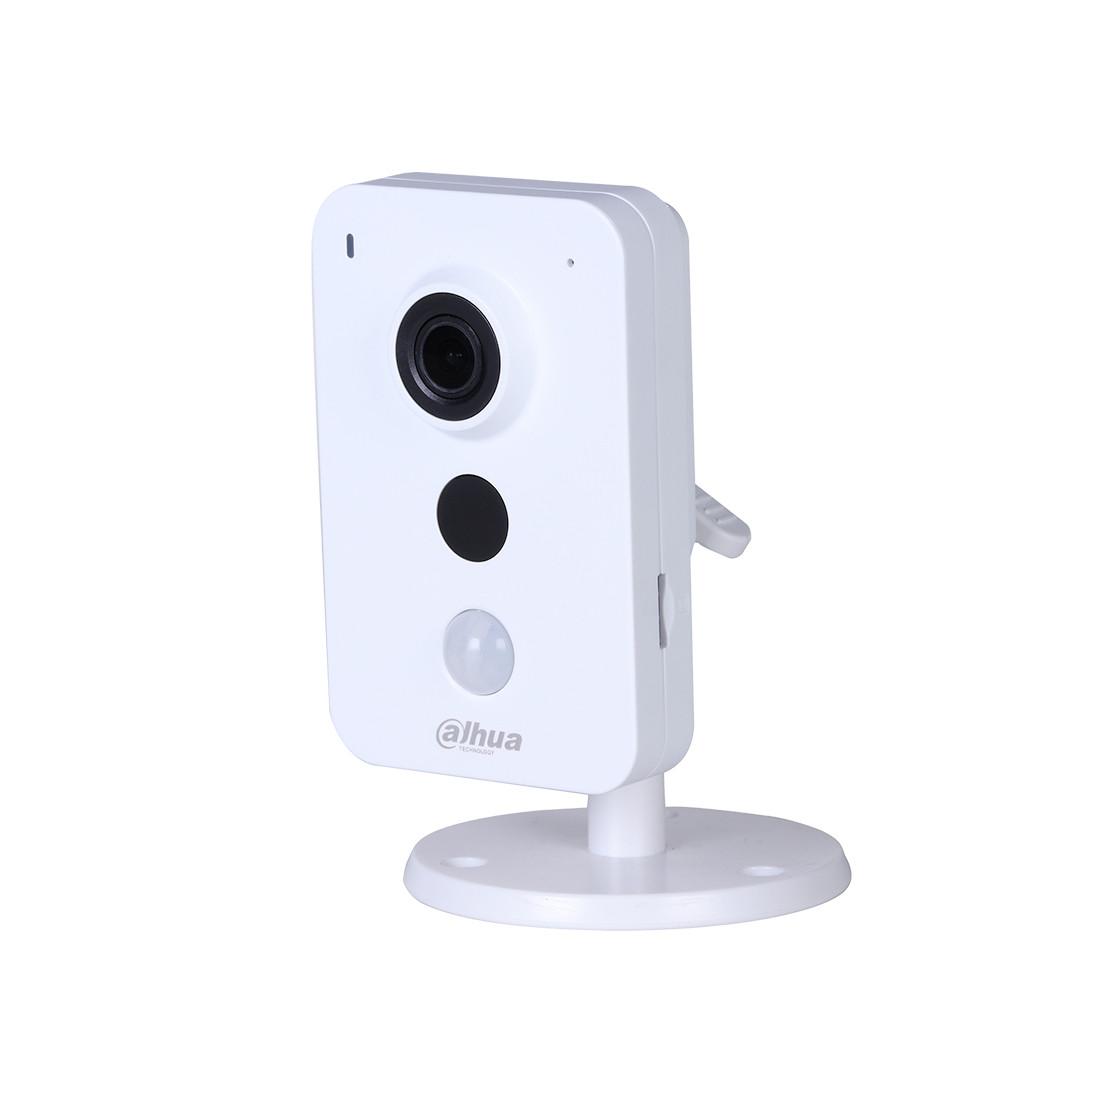 Dahua Сетевая мини камера DH-IPC-K35A